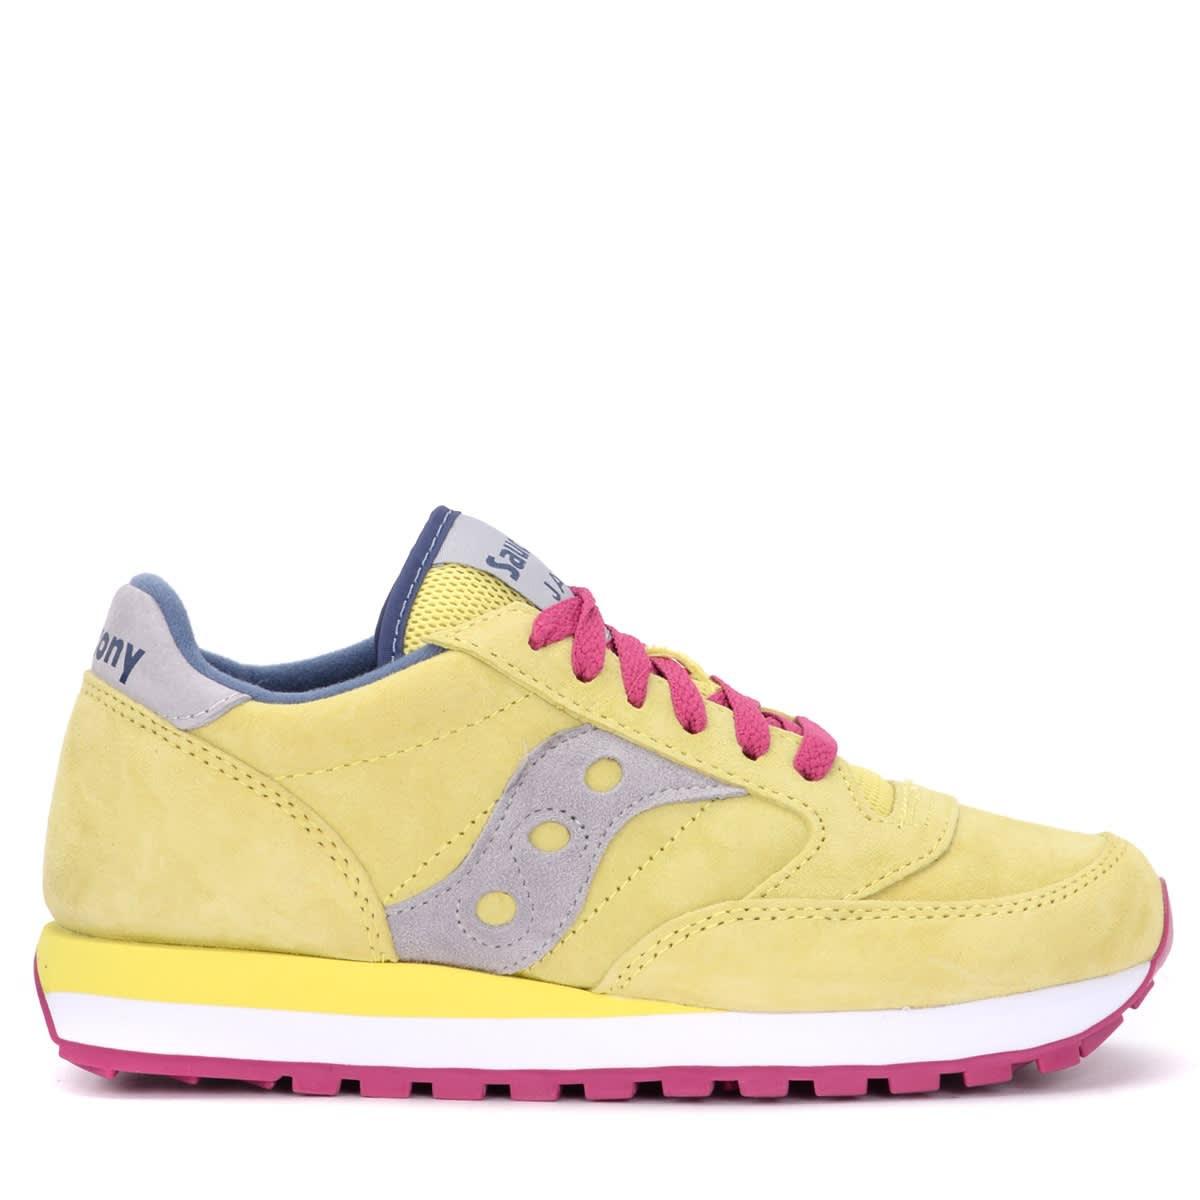 Saucony Sneaker Jazz Model Made Of Yellow Suede